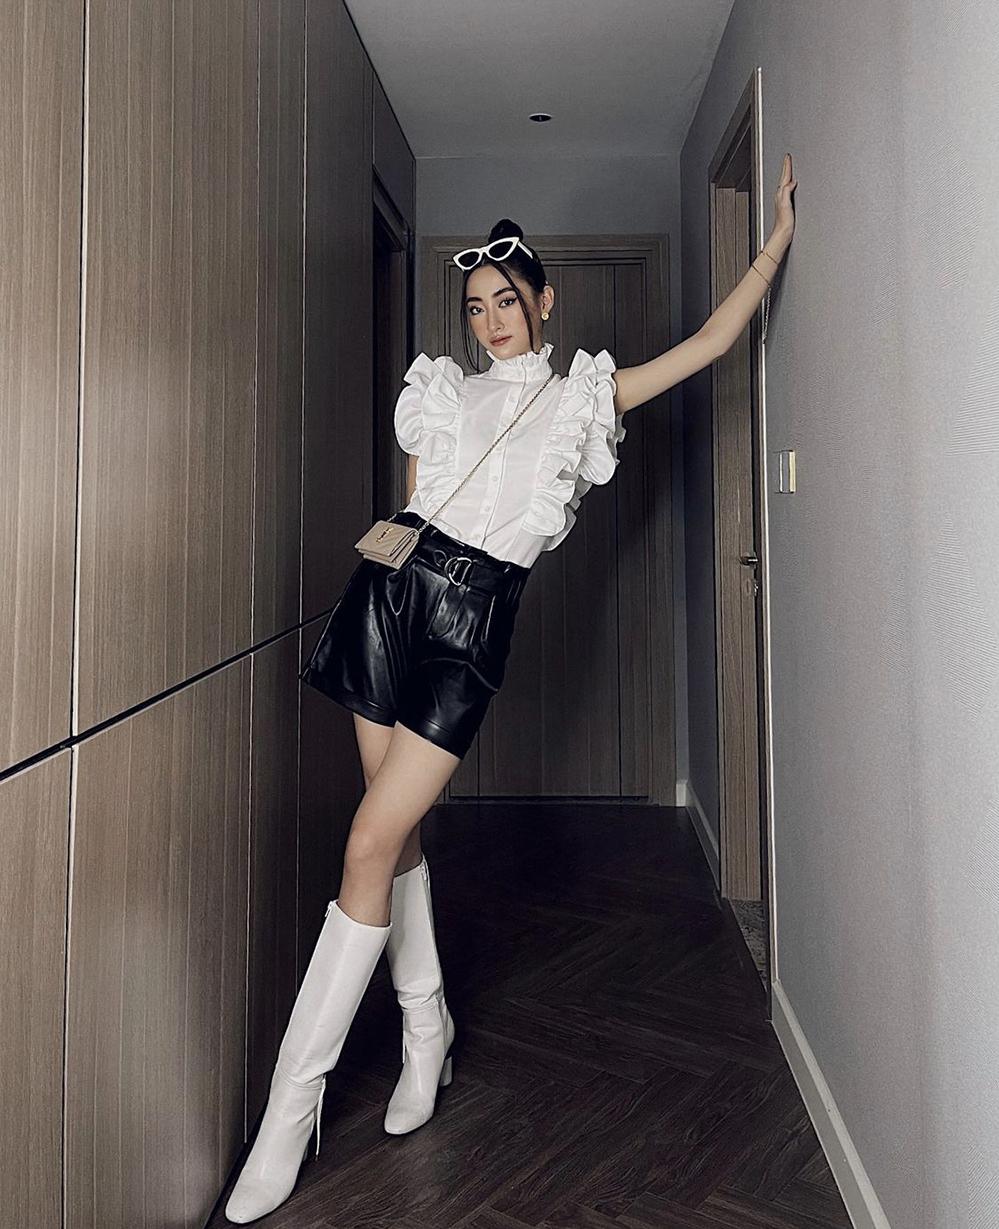 Lương Thuỳ Linh mặc đa phong cách khi ở nhà